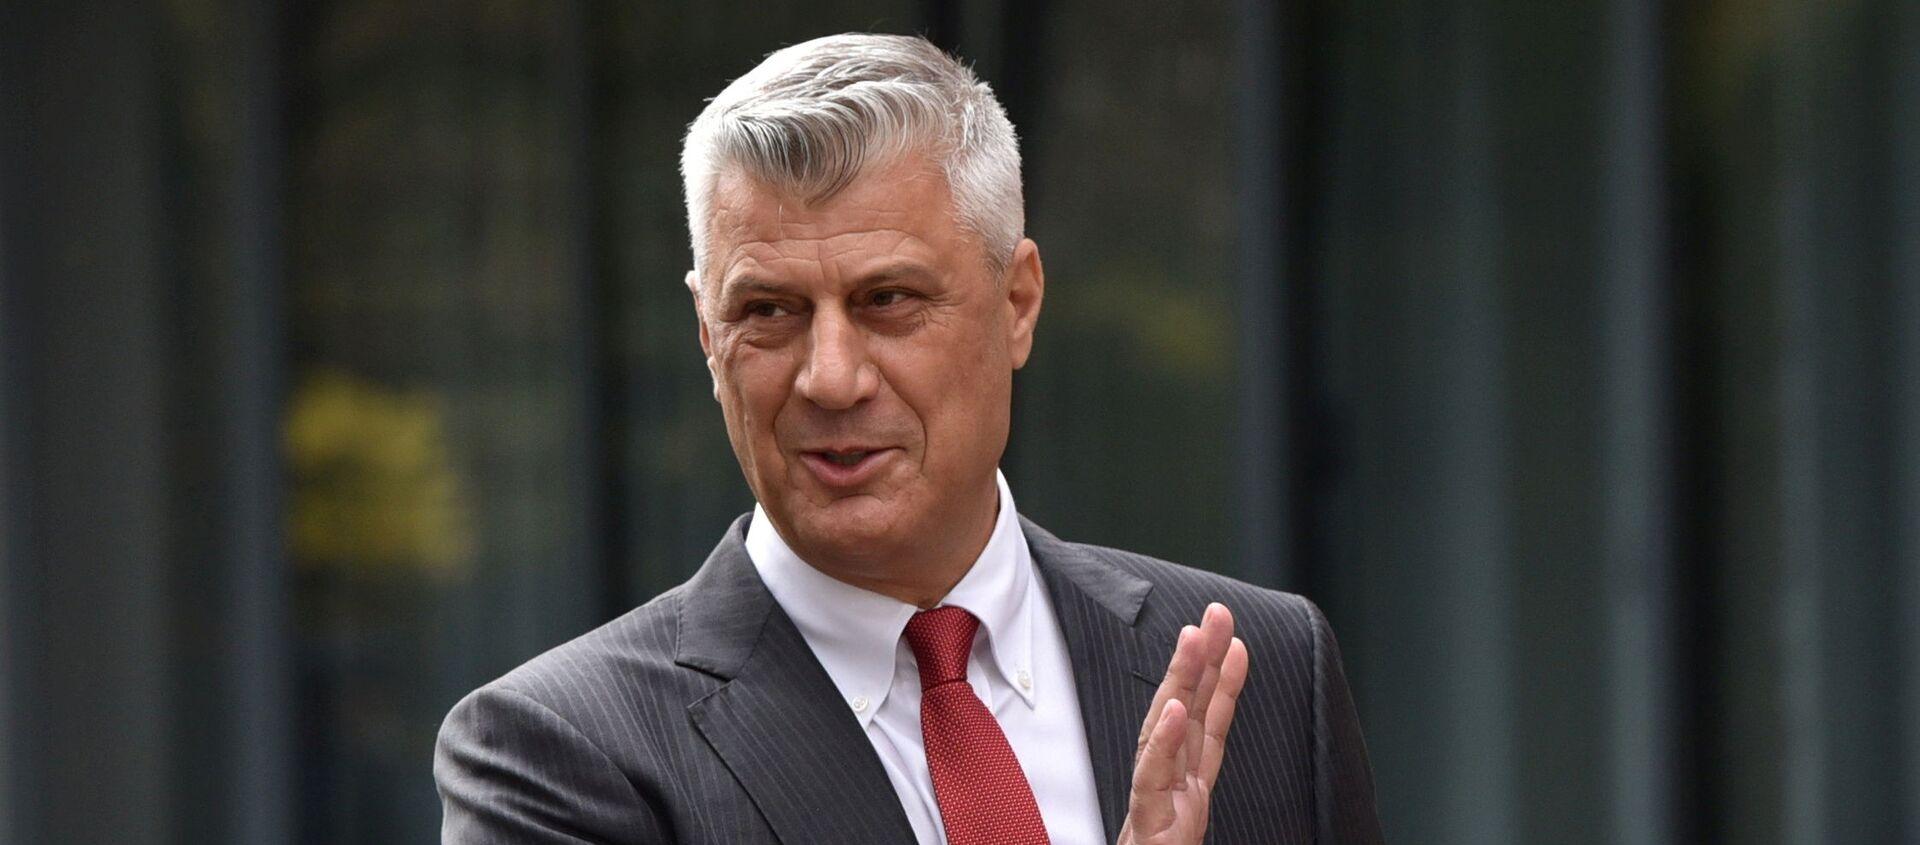 L'ex presidente dell'autoproclamata repubblica del Kosovo Hashim Thaci - Sputnik Italia, 1920, 09.11.2020